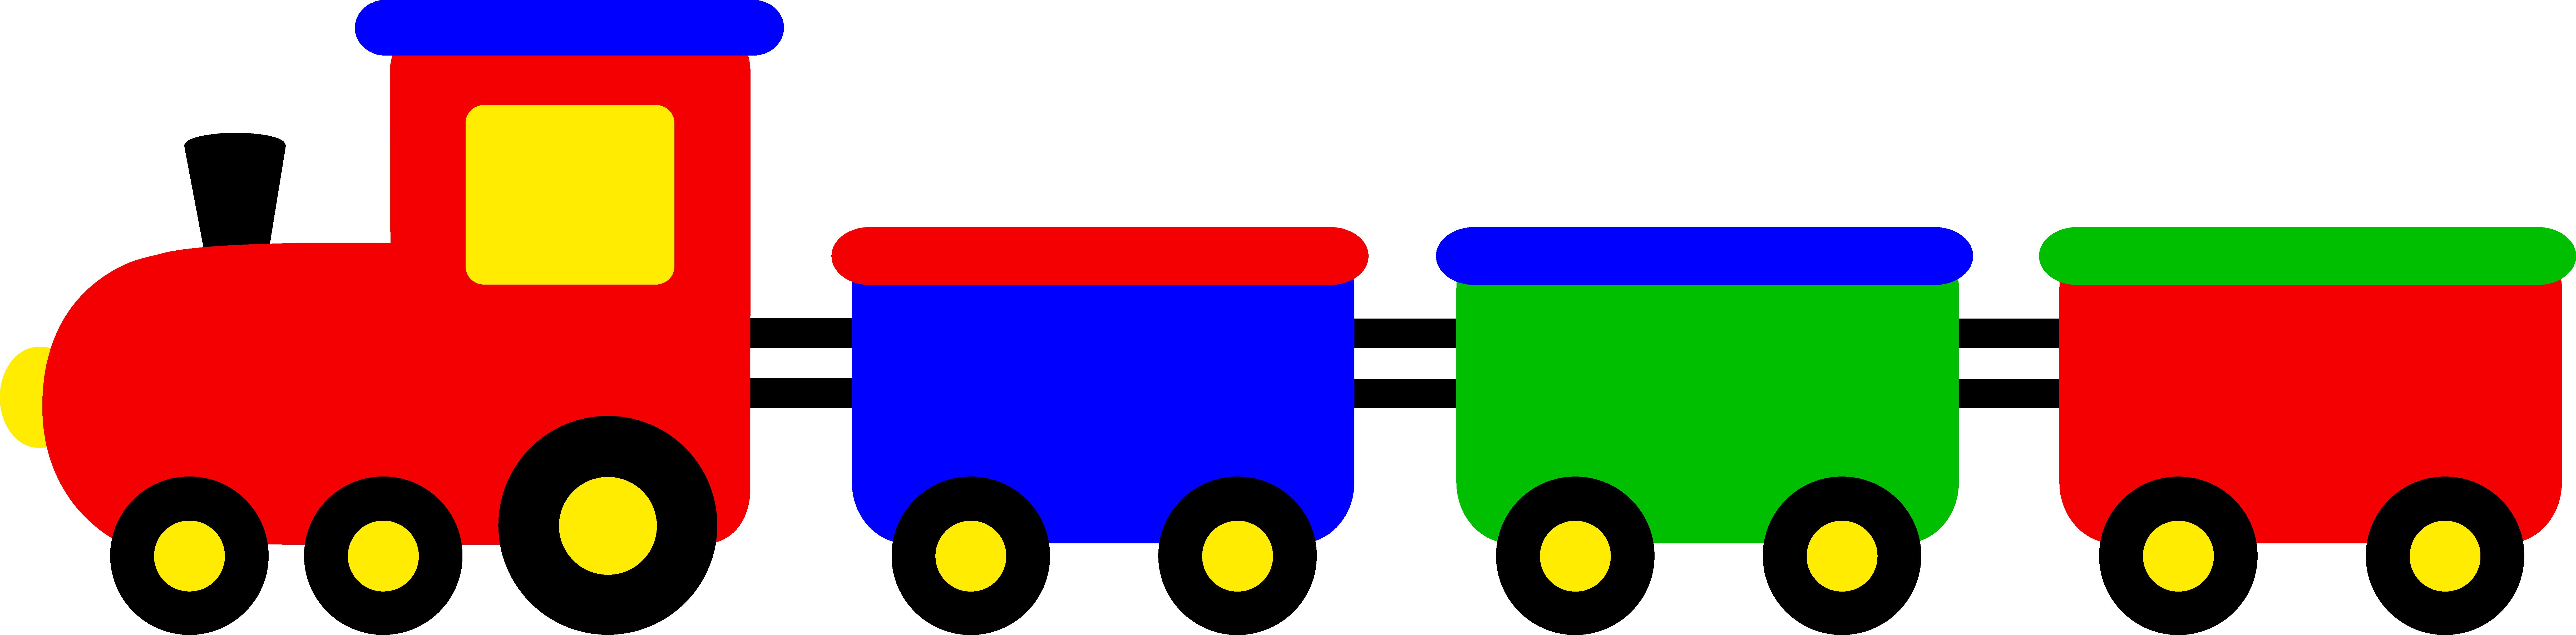 Clipart Train-clipart train-4